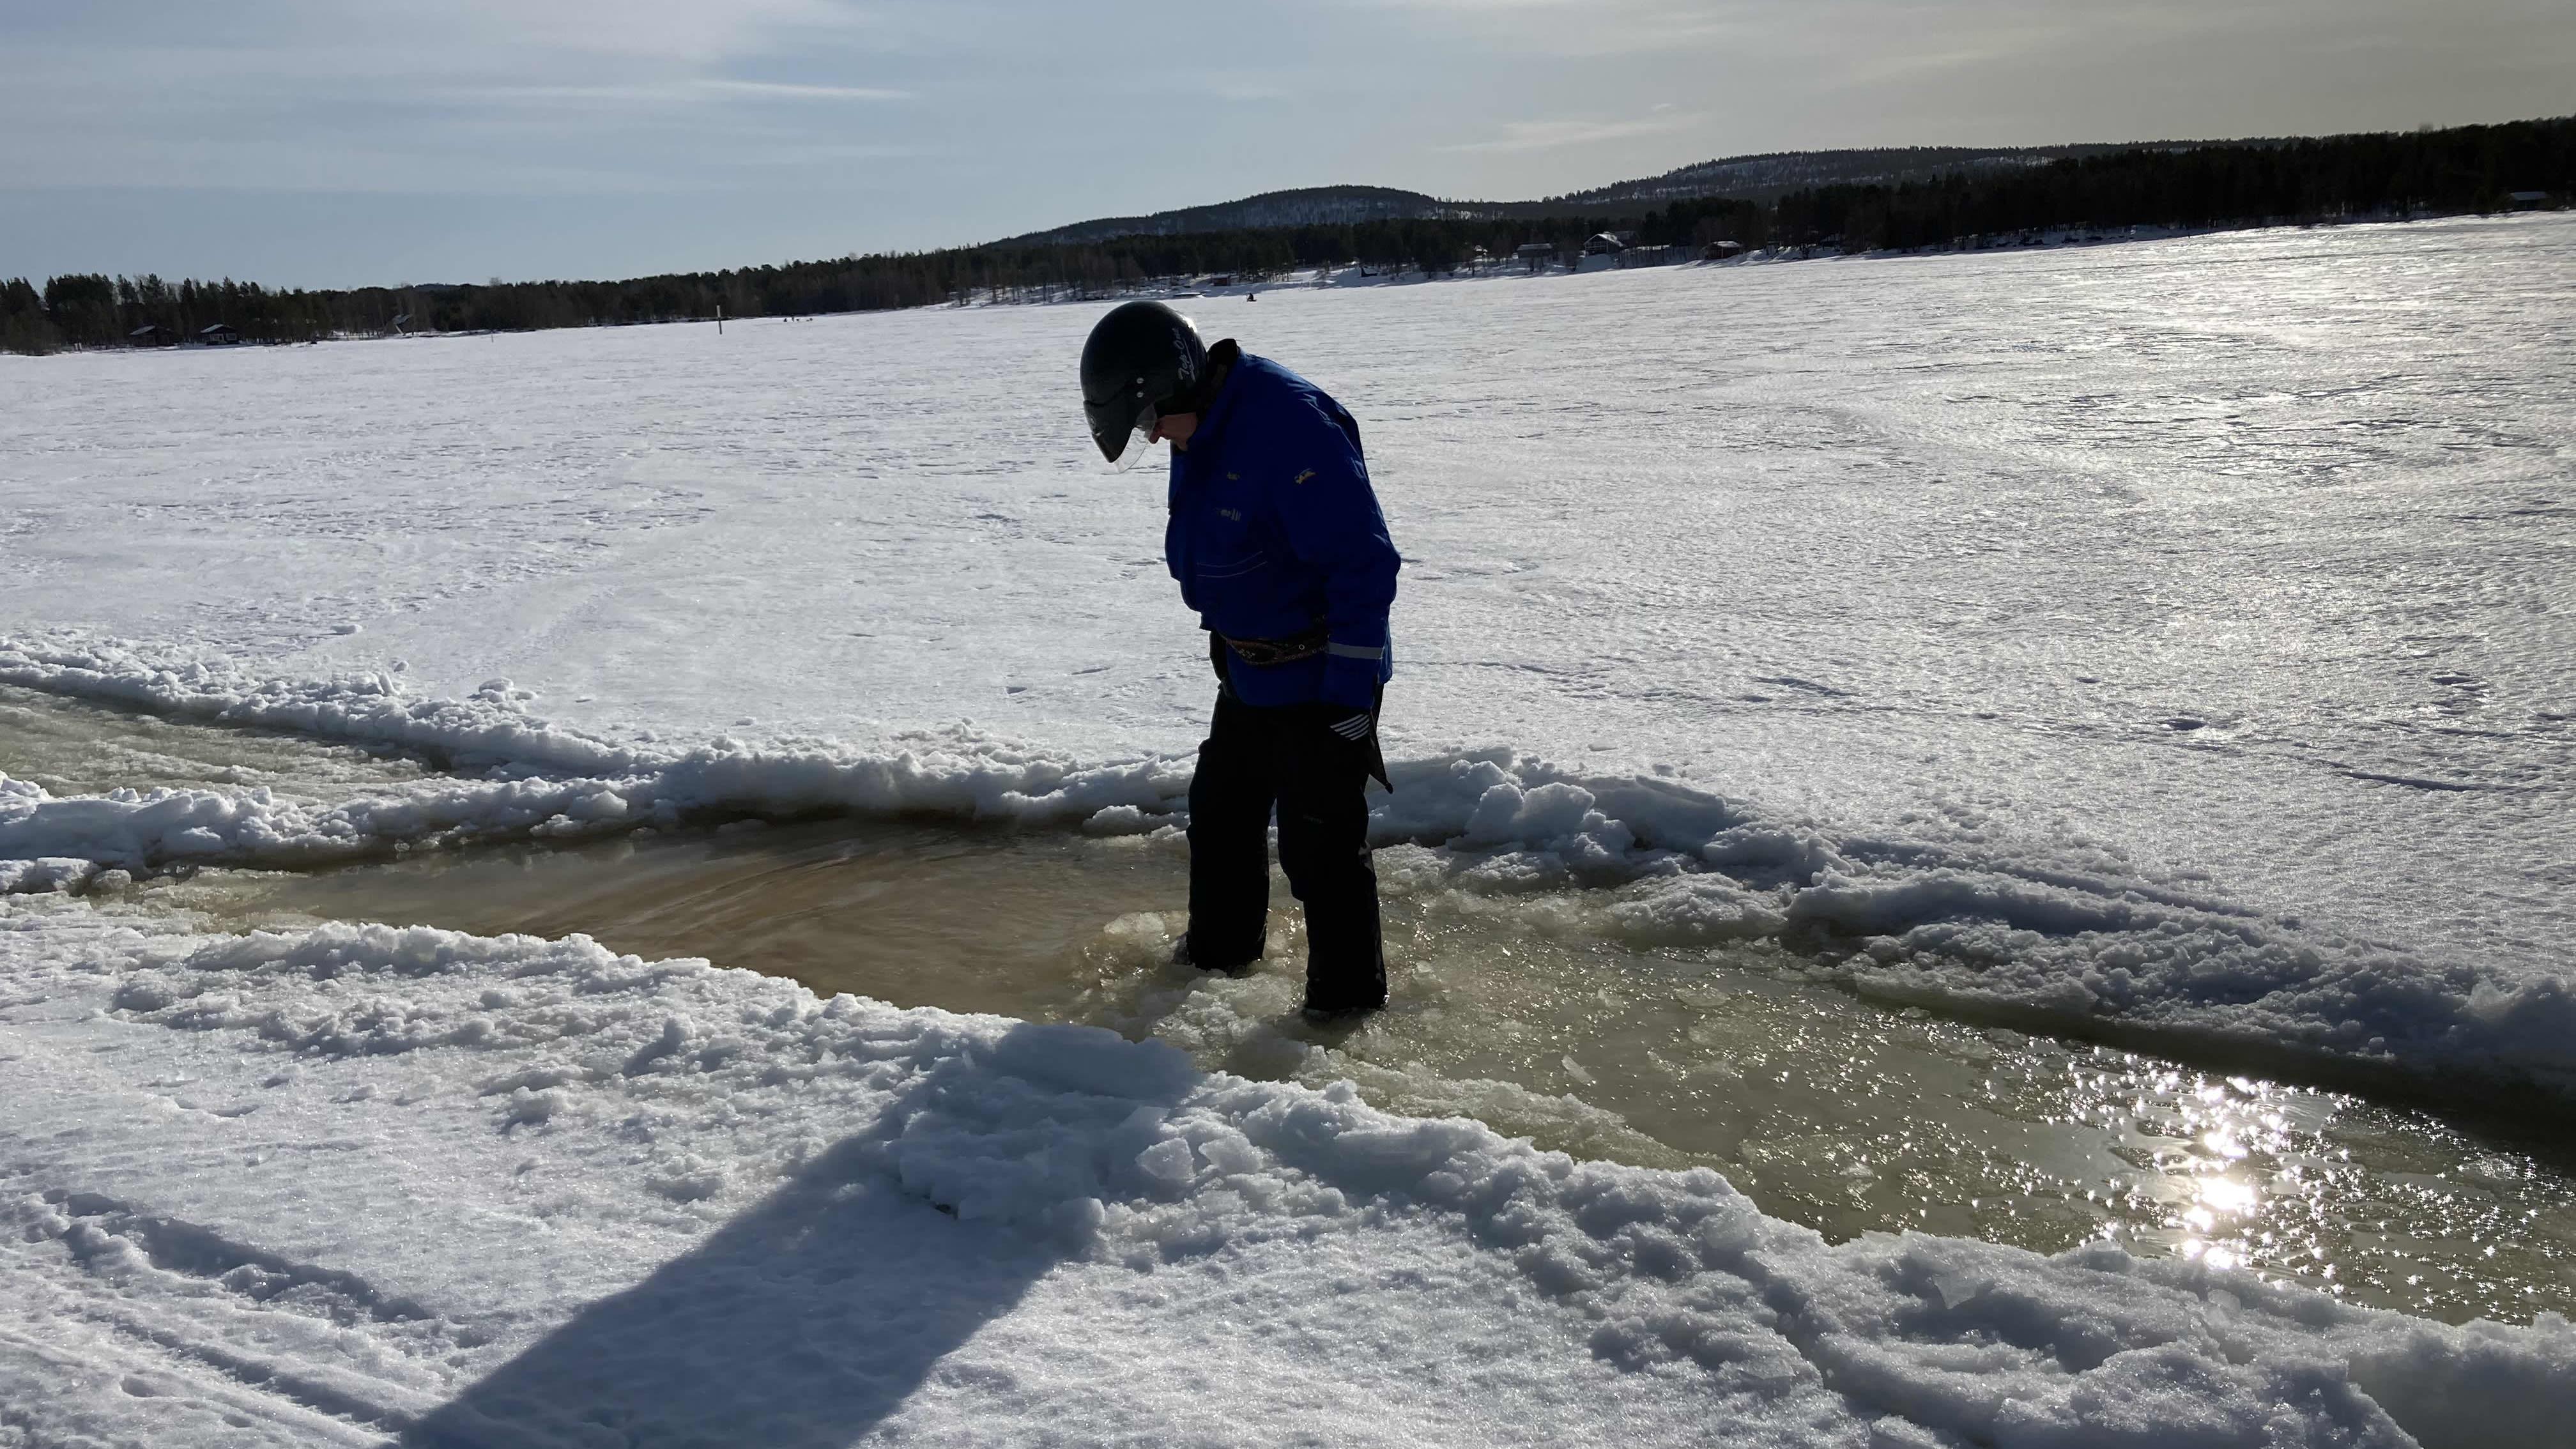 Inarijärven jäällä seisoo mies kelkkaurassa, jossa on ainakin 20 senttiä vettä. Aurinko paistaa jäälle.